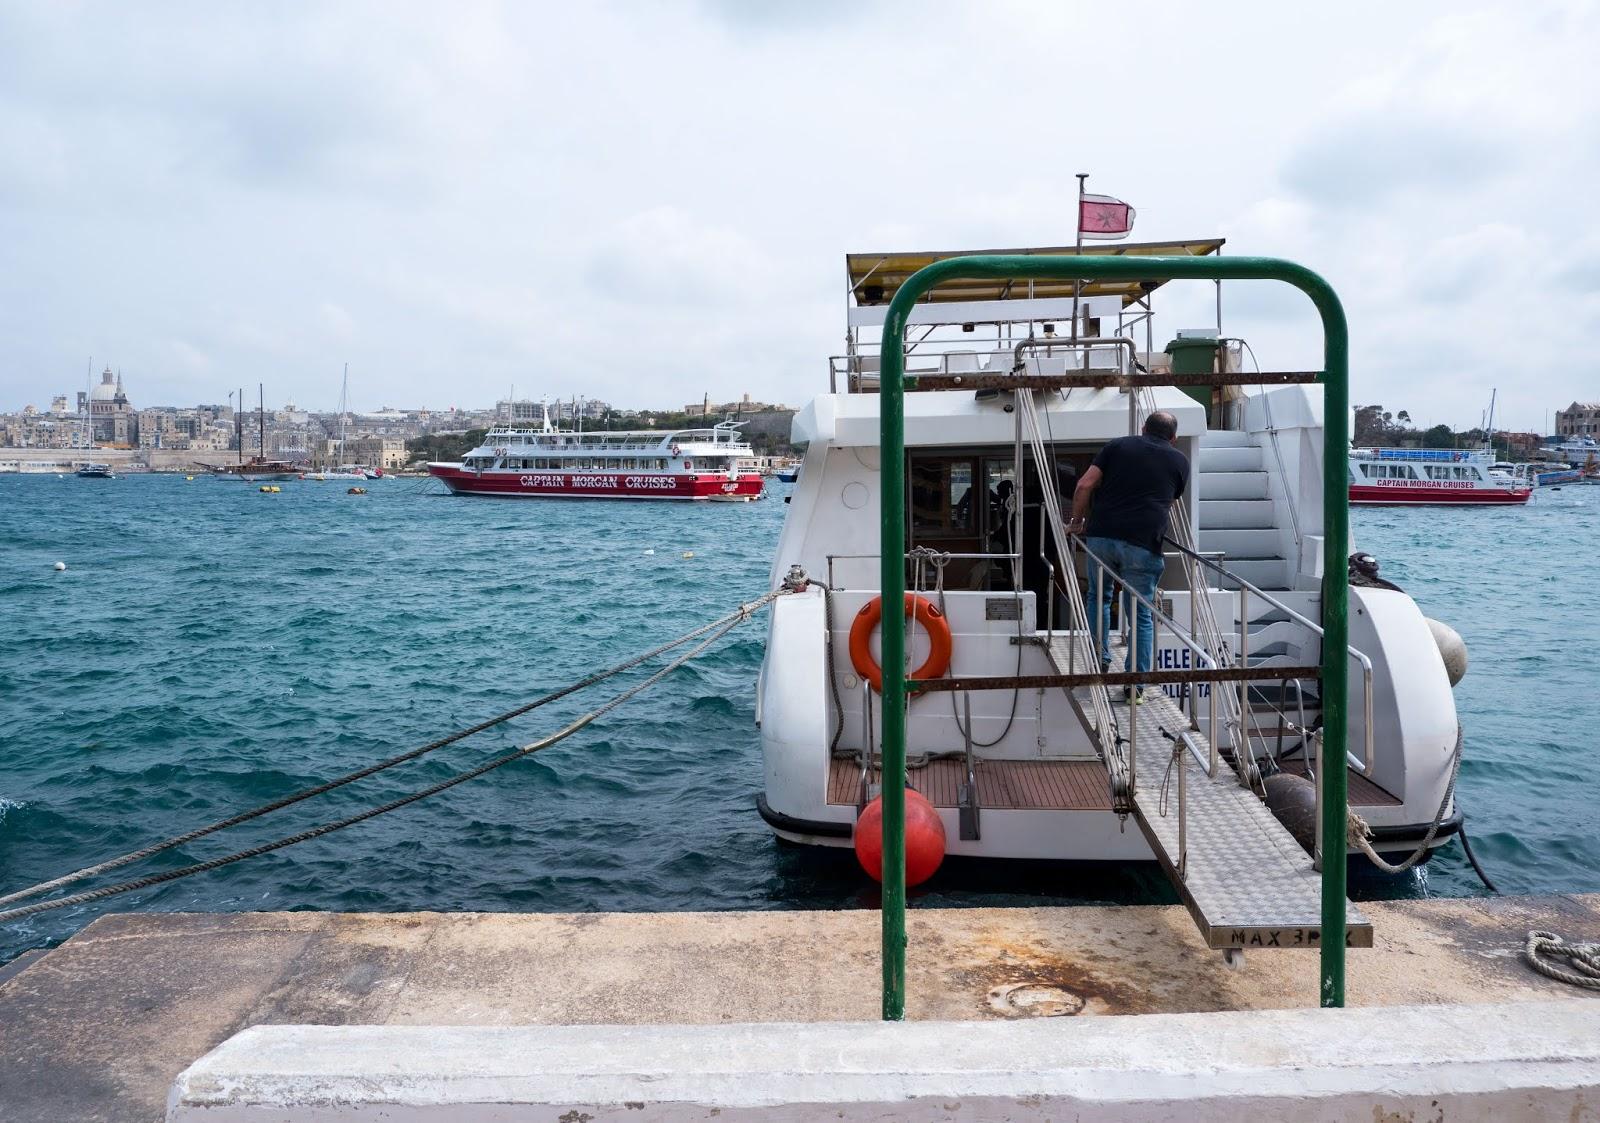 Sliema and Valletta harbour boat cruise, Malta